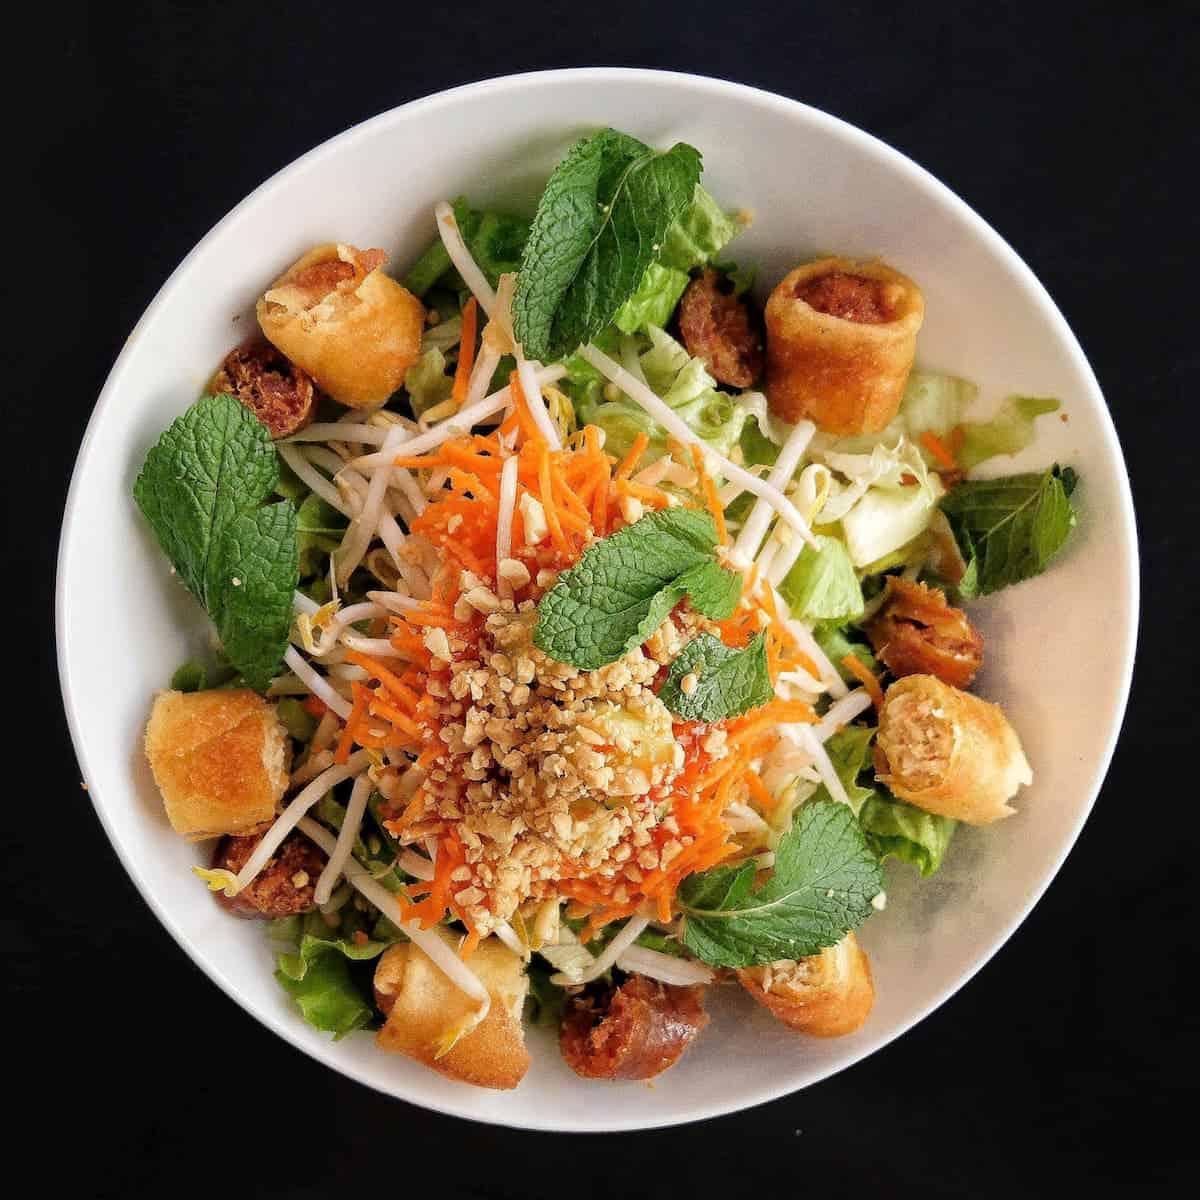 Le cambodge le tr s tr s bon bouiboui porte de versailles - Restaurant porte de versailles pas cher ...